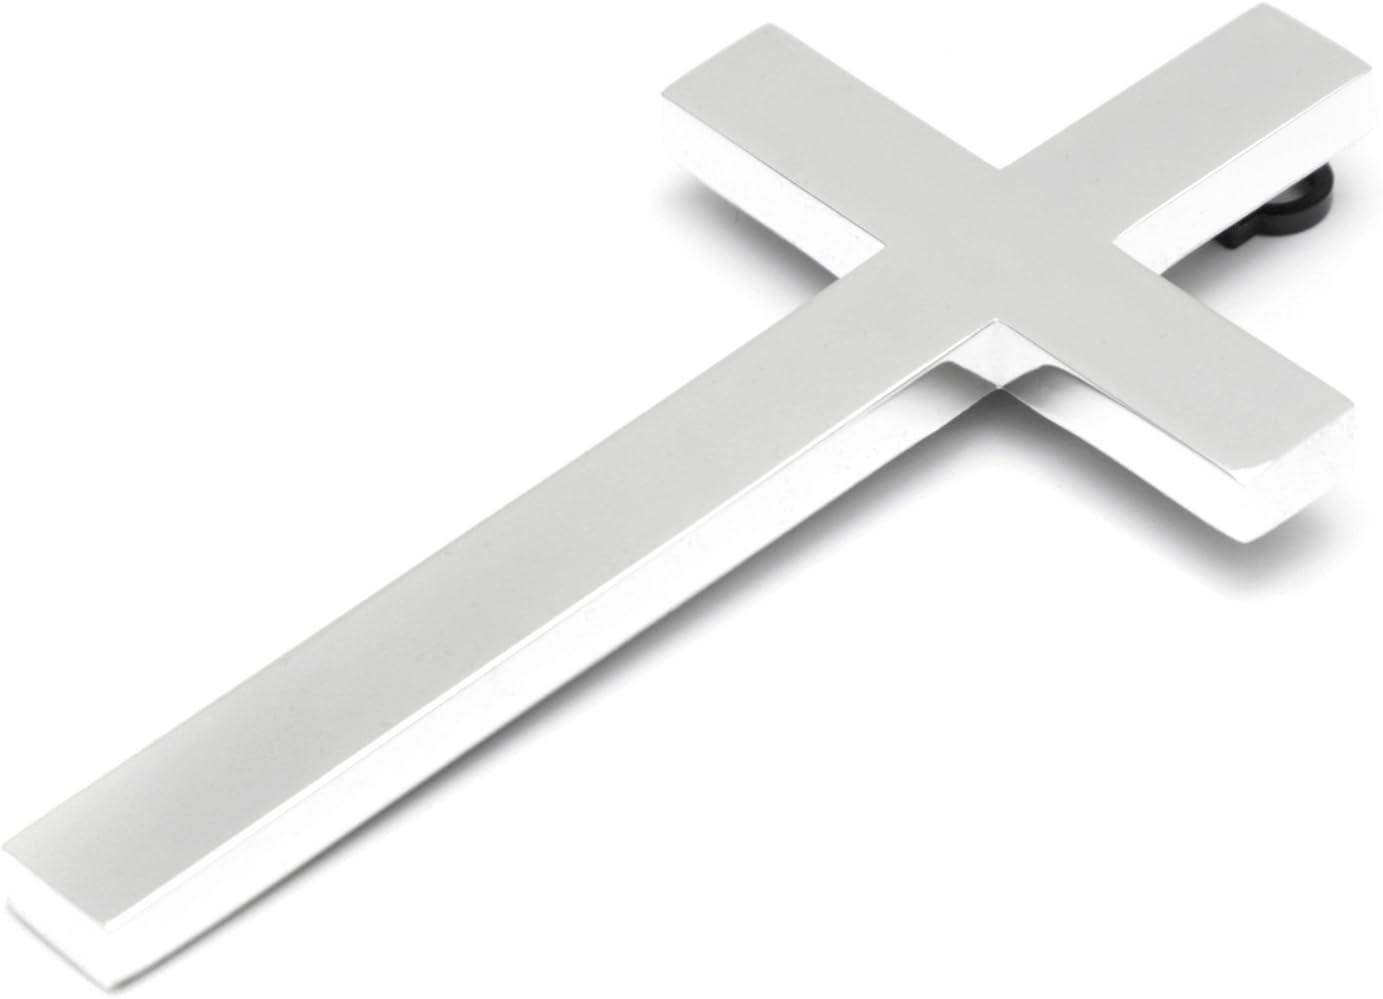 stile moderno in metallo argento Crocifisso da parete placcato in argento con incisione personalizzabile Wandkreuz colore: argento grande Metallo BRILLIBRUM/® Mit Gravur b crocifisso per la camera dei bambini a forma di croce di Ges/ù